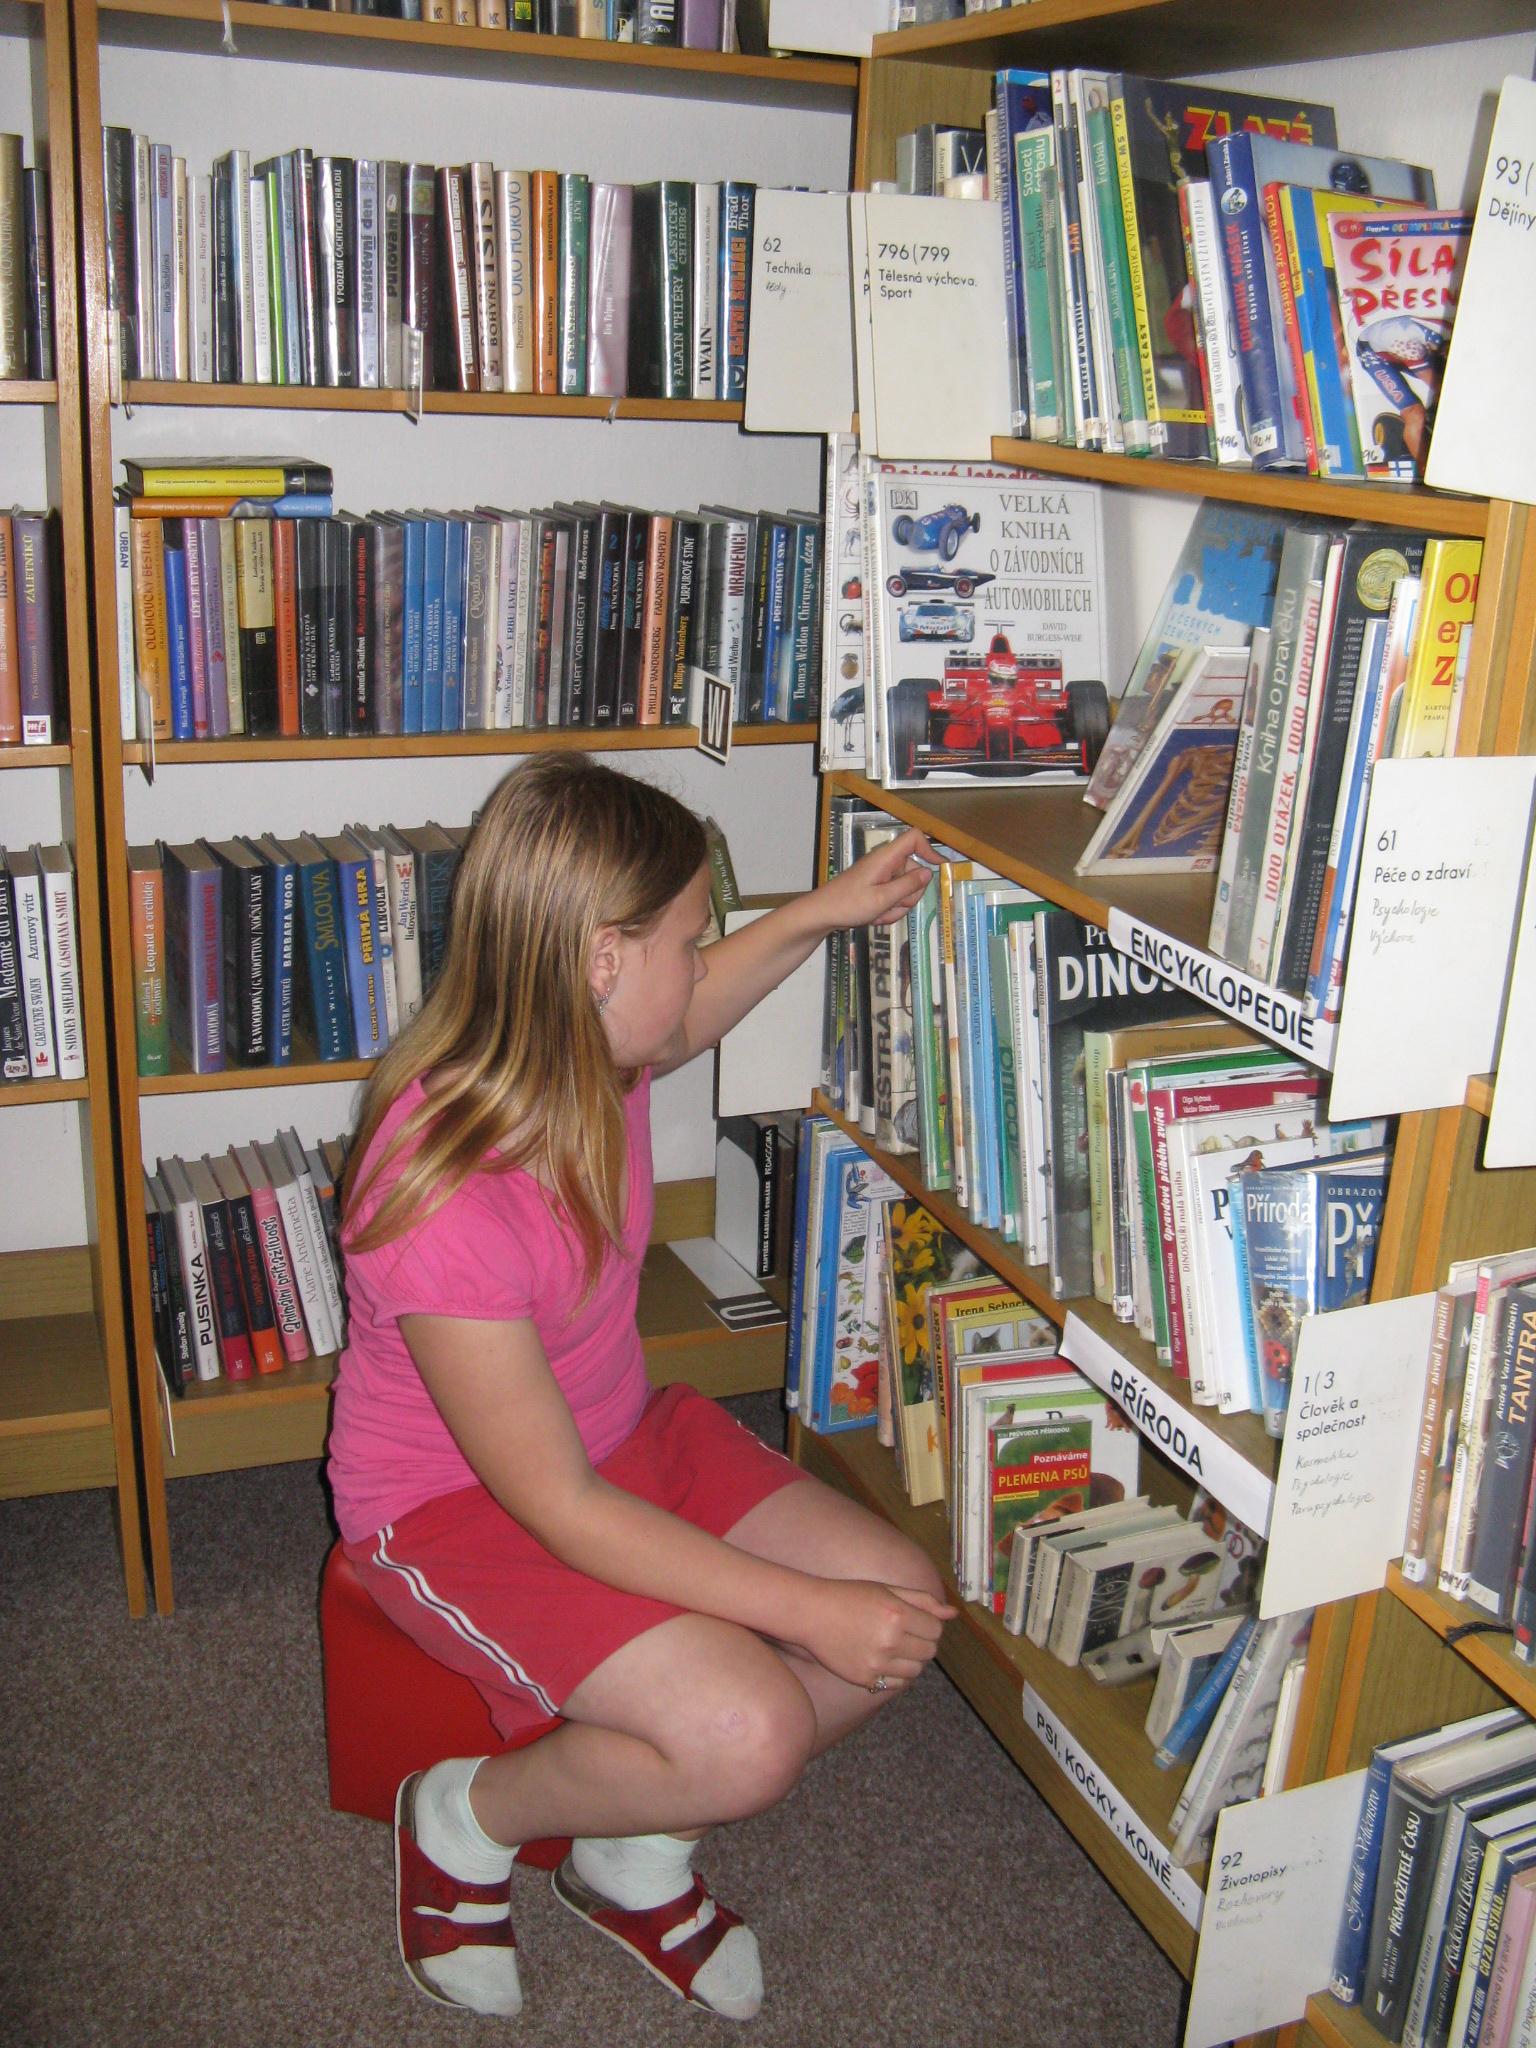 knihovna 006.jpg